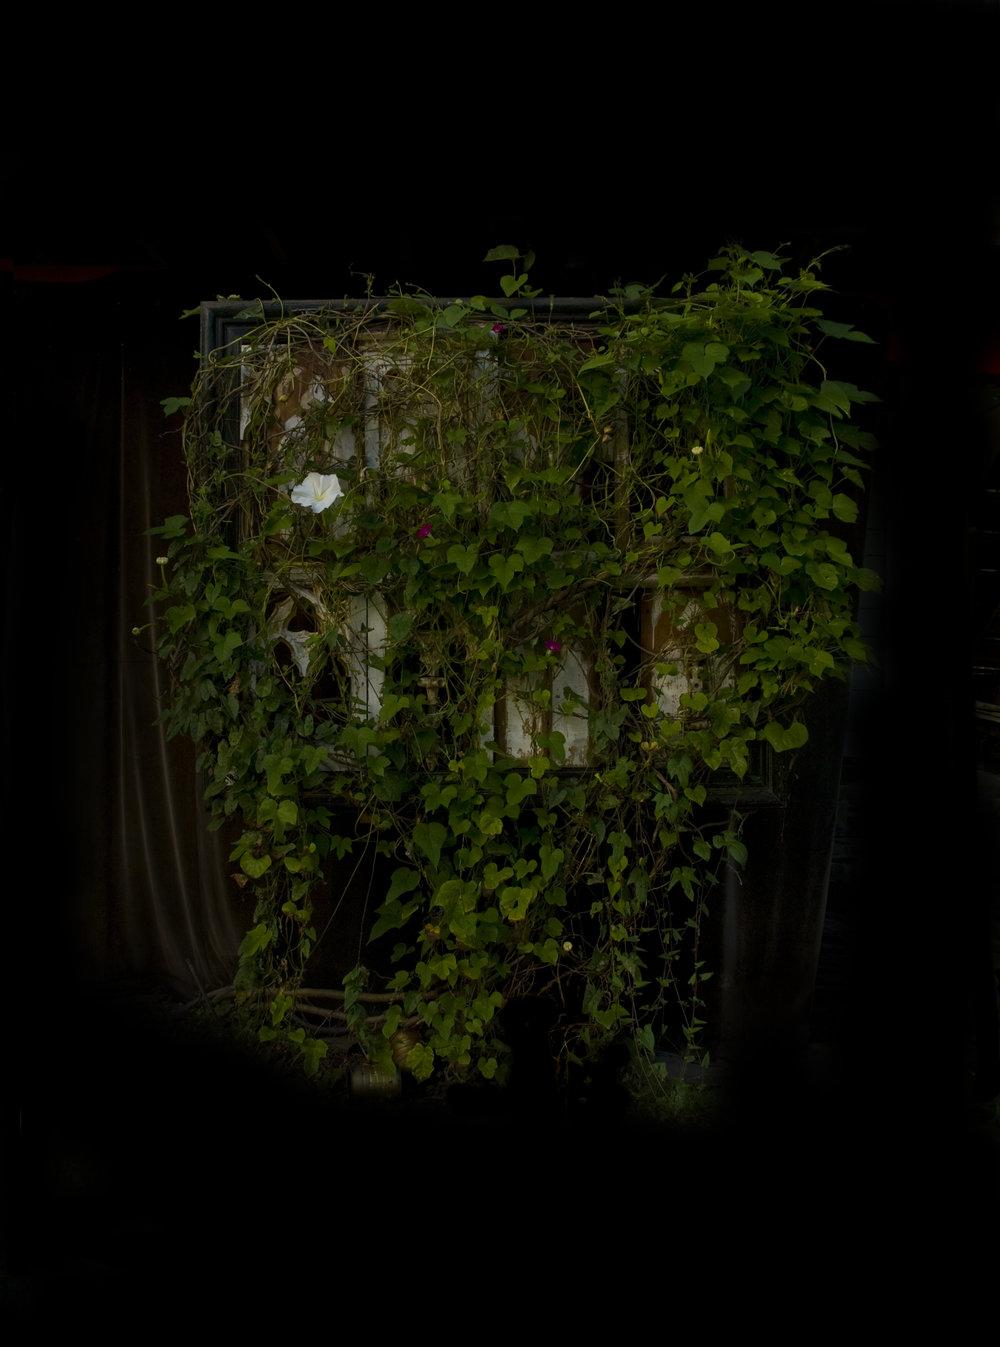 Moonflower, Photograph/Sculpture, 2010